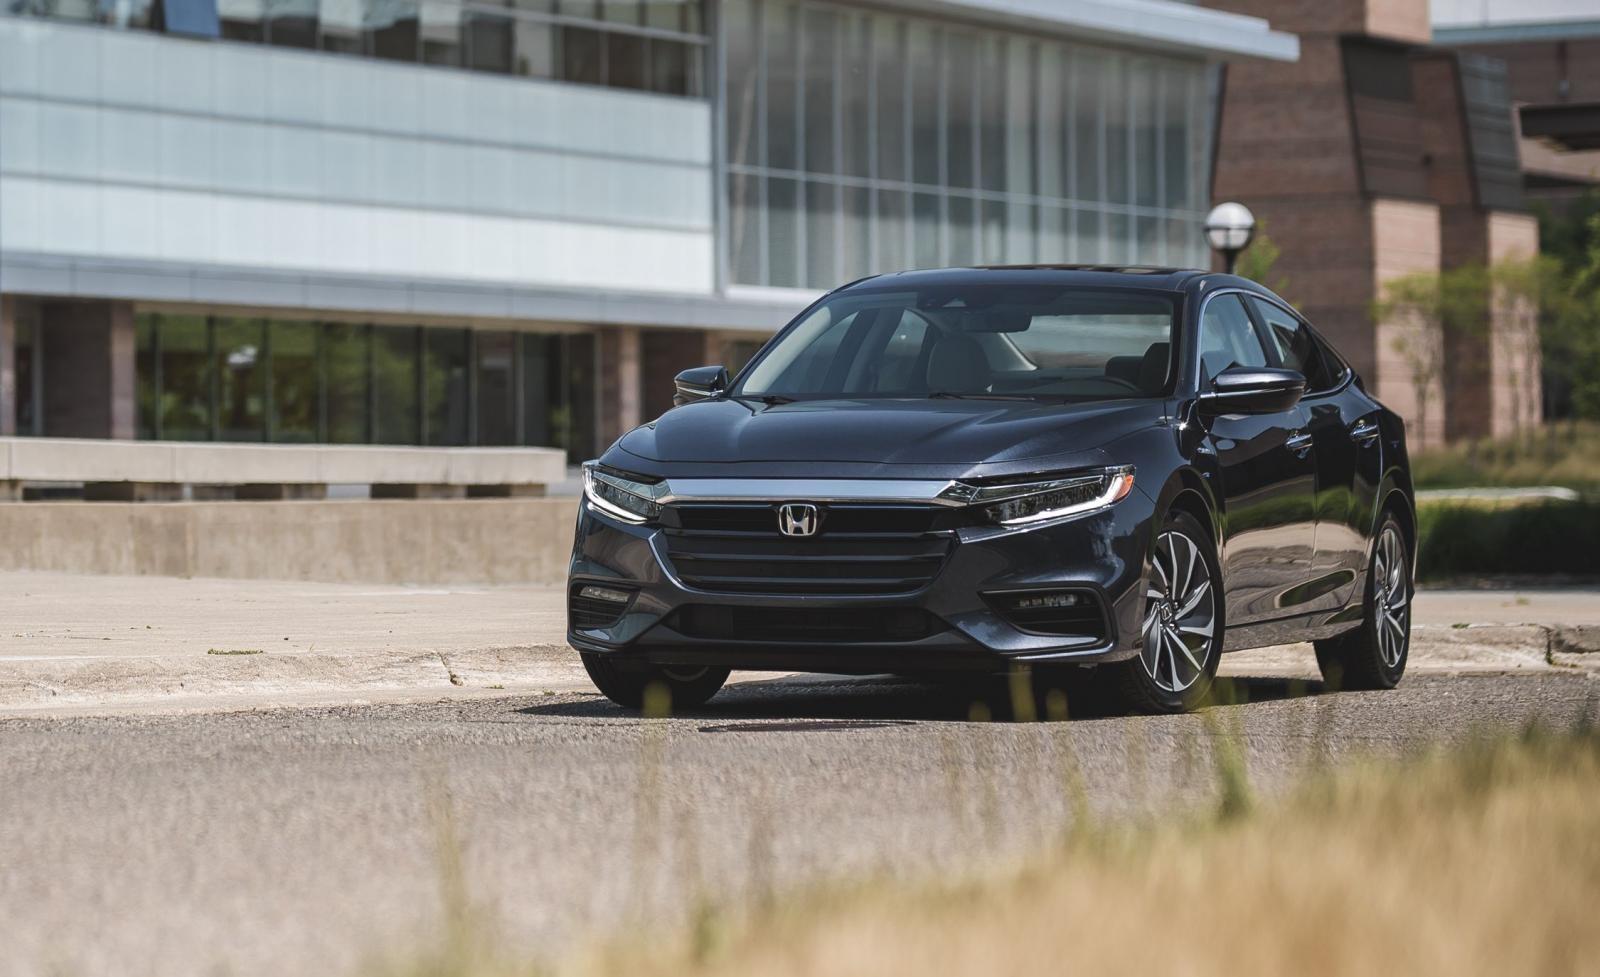 Honda Insight có nhiều điểm trừ nhưng bù lại đây hiện đang là mẫu xe có khả năng tiết kiếm nhiên liệu nhất